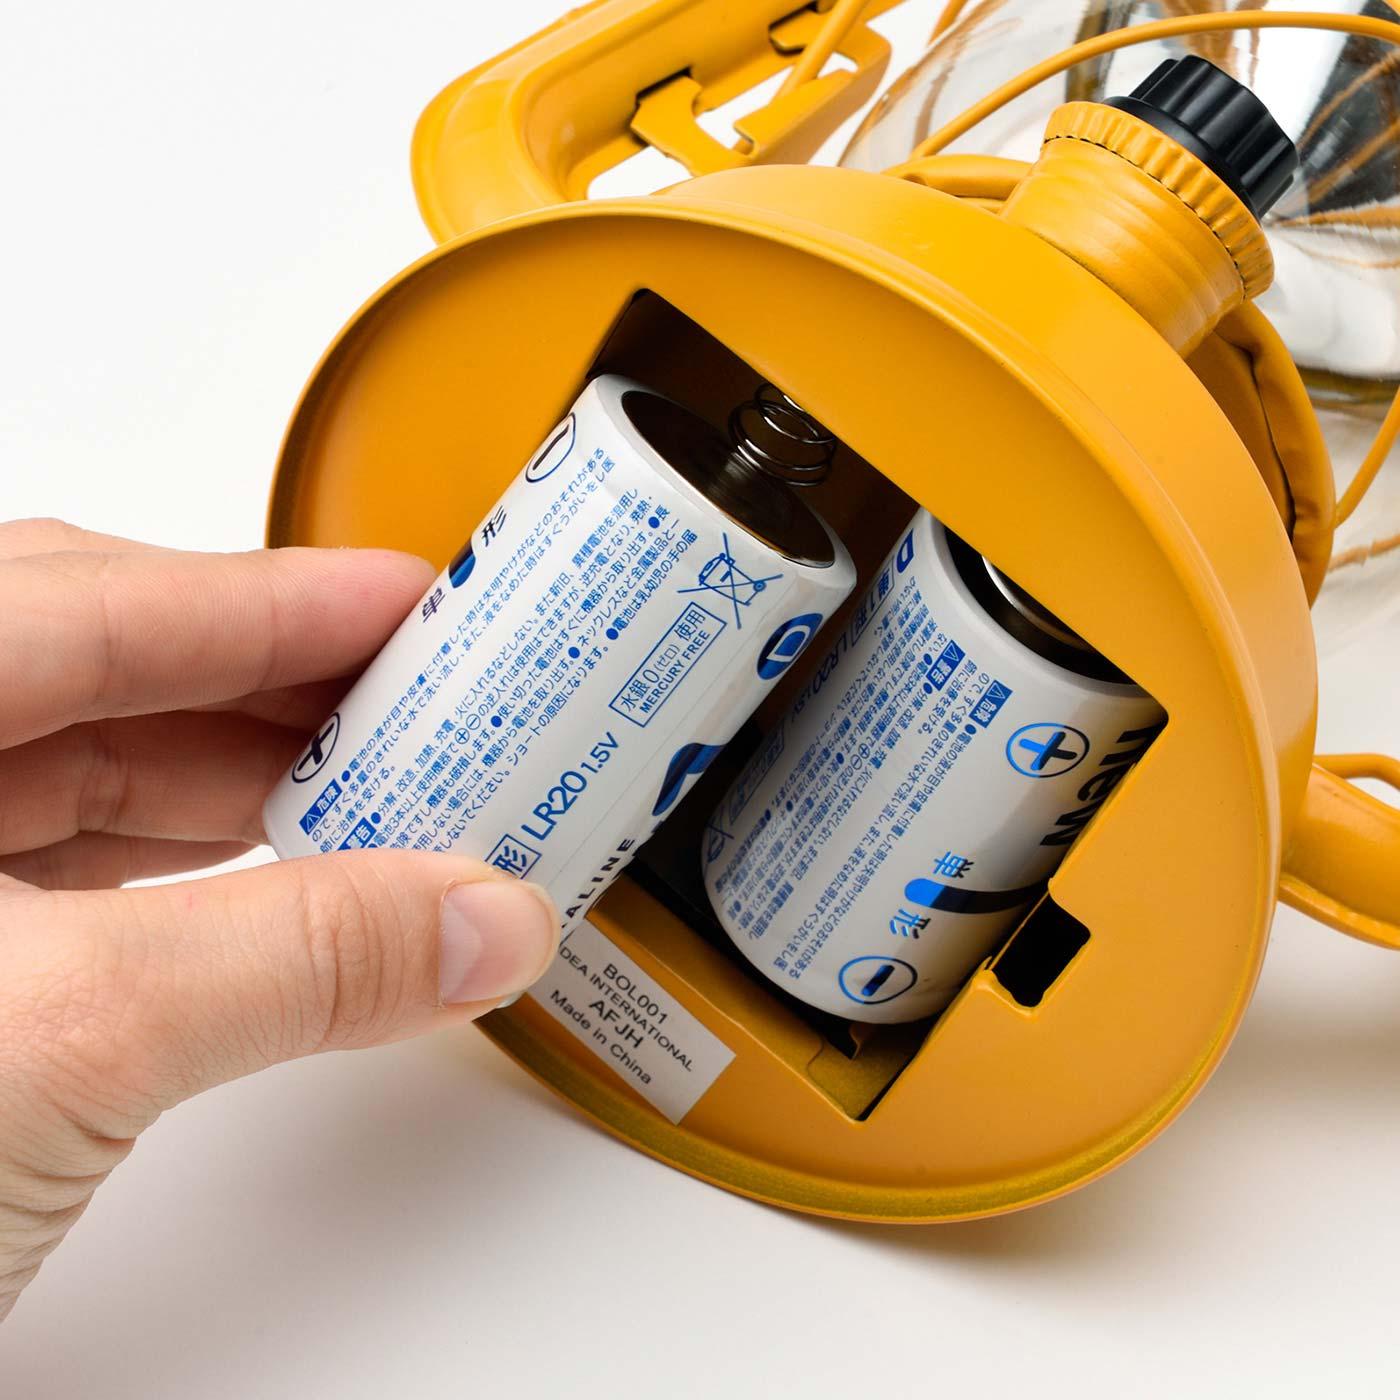 電池式なので、どこでも使えて便利。